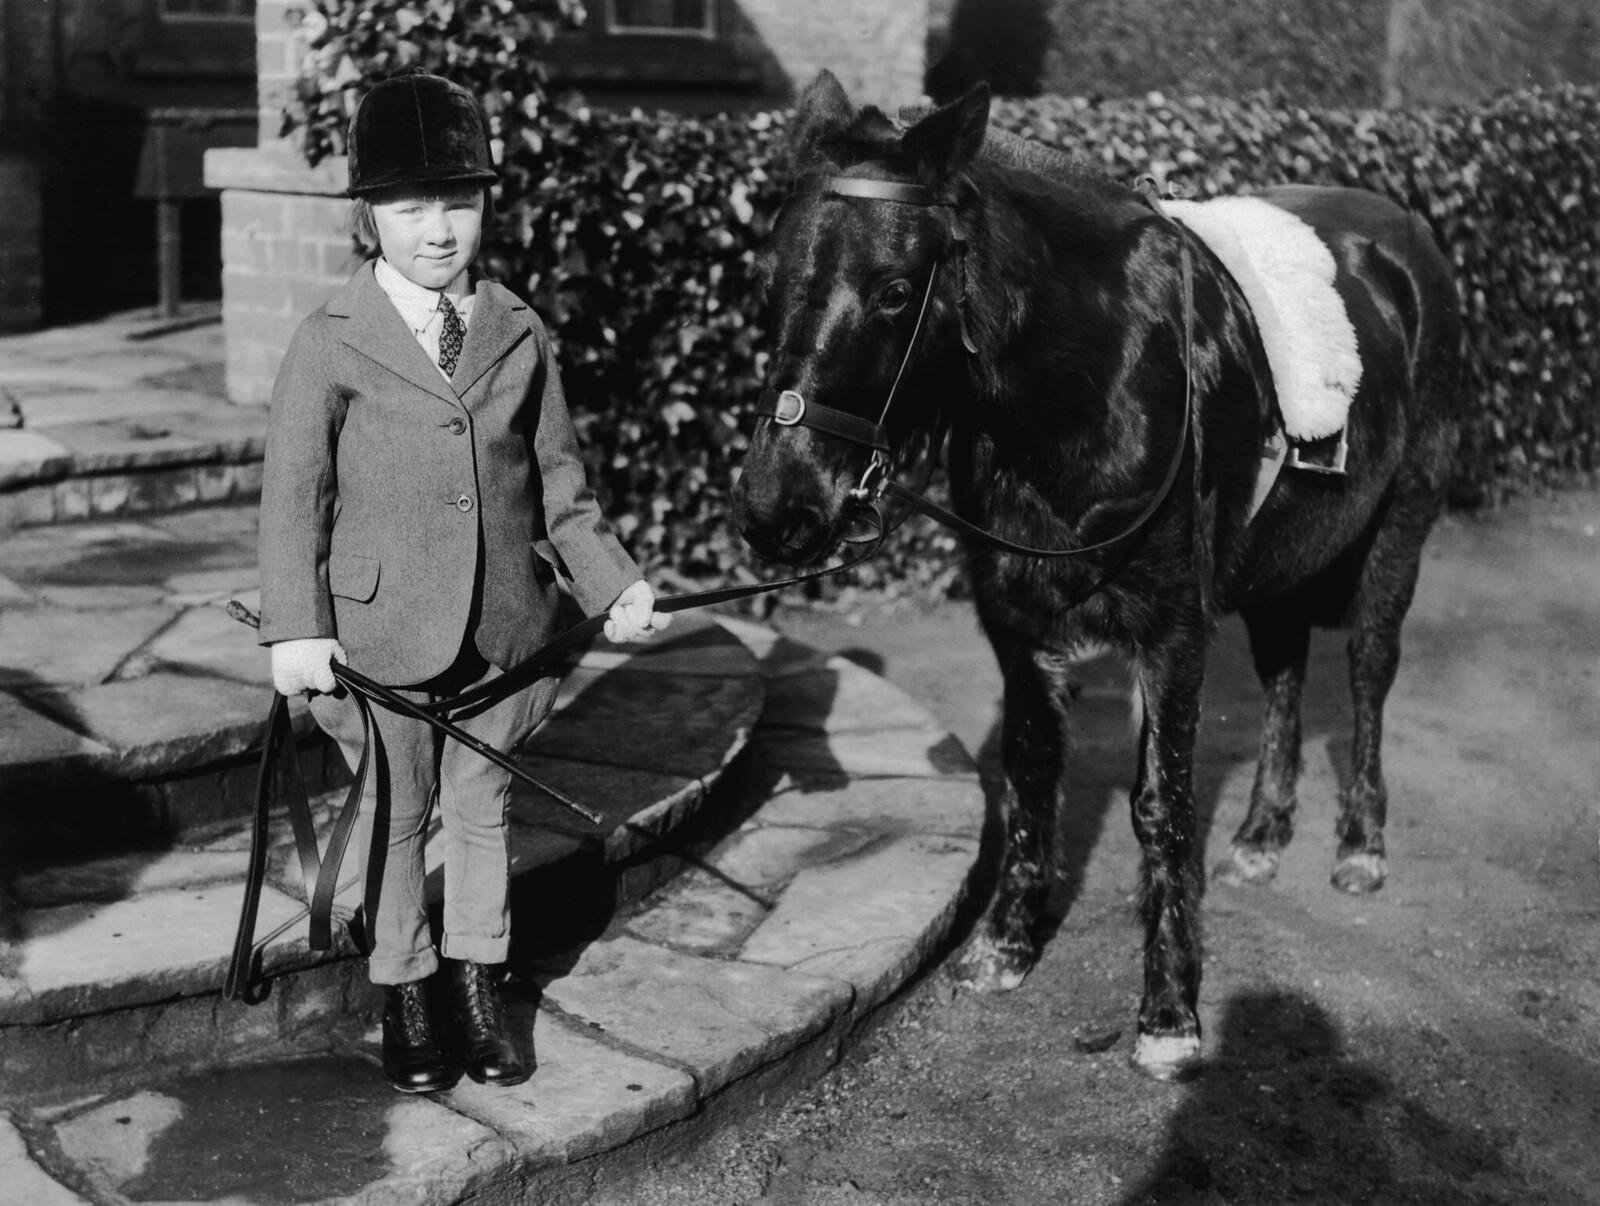 1931.  Пятилетняя Джейн Элизабет Уайтлоу из Корт-Хилл, недалеко от Вантедж, со своей пони Спарклз. Она наследница огромного состояния, оставленного ее тетей, которое